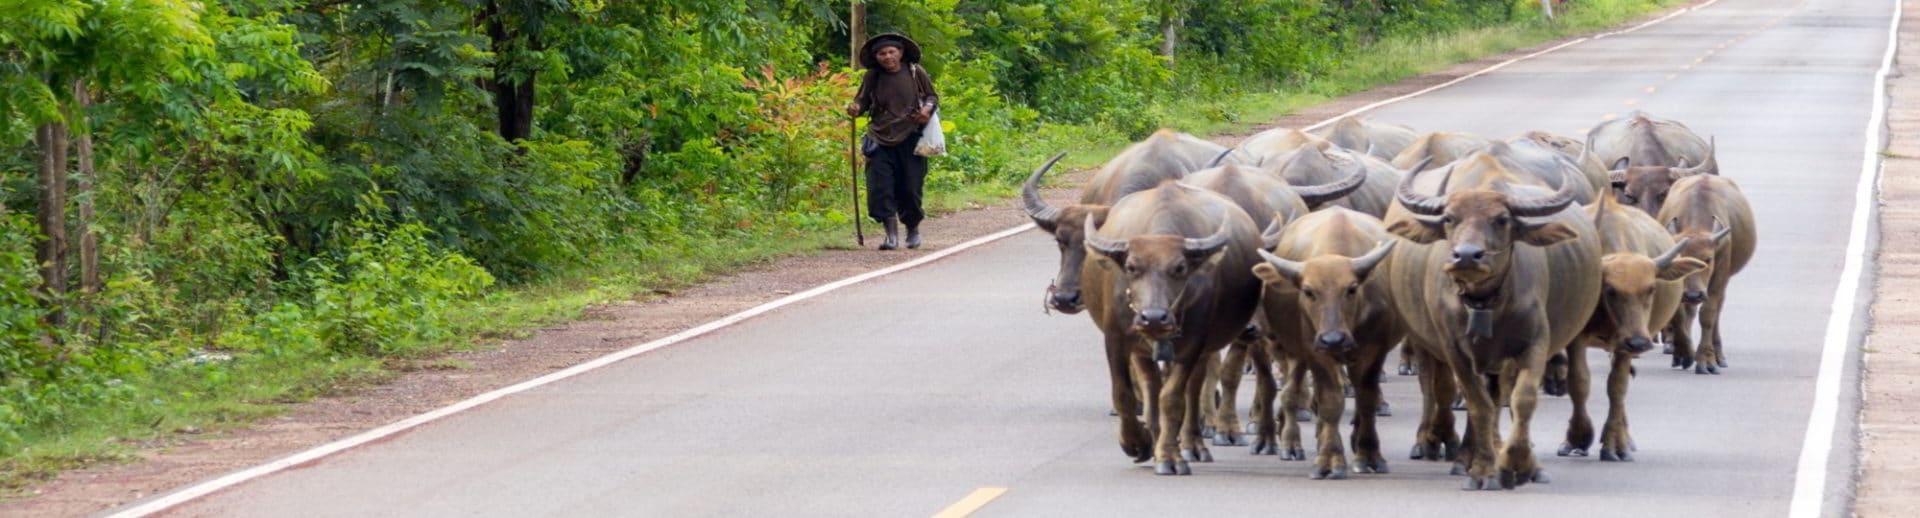 Tim's Thailand